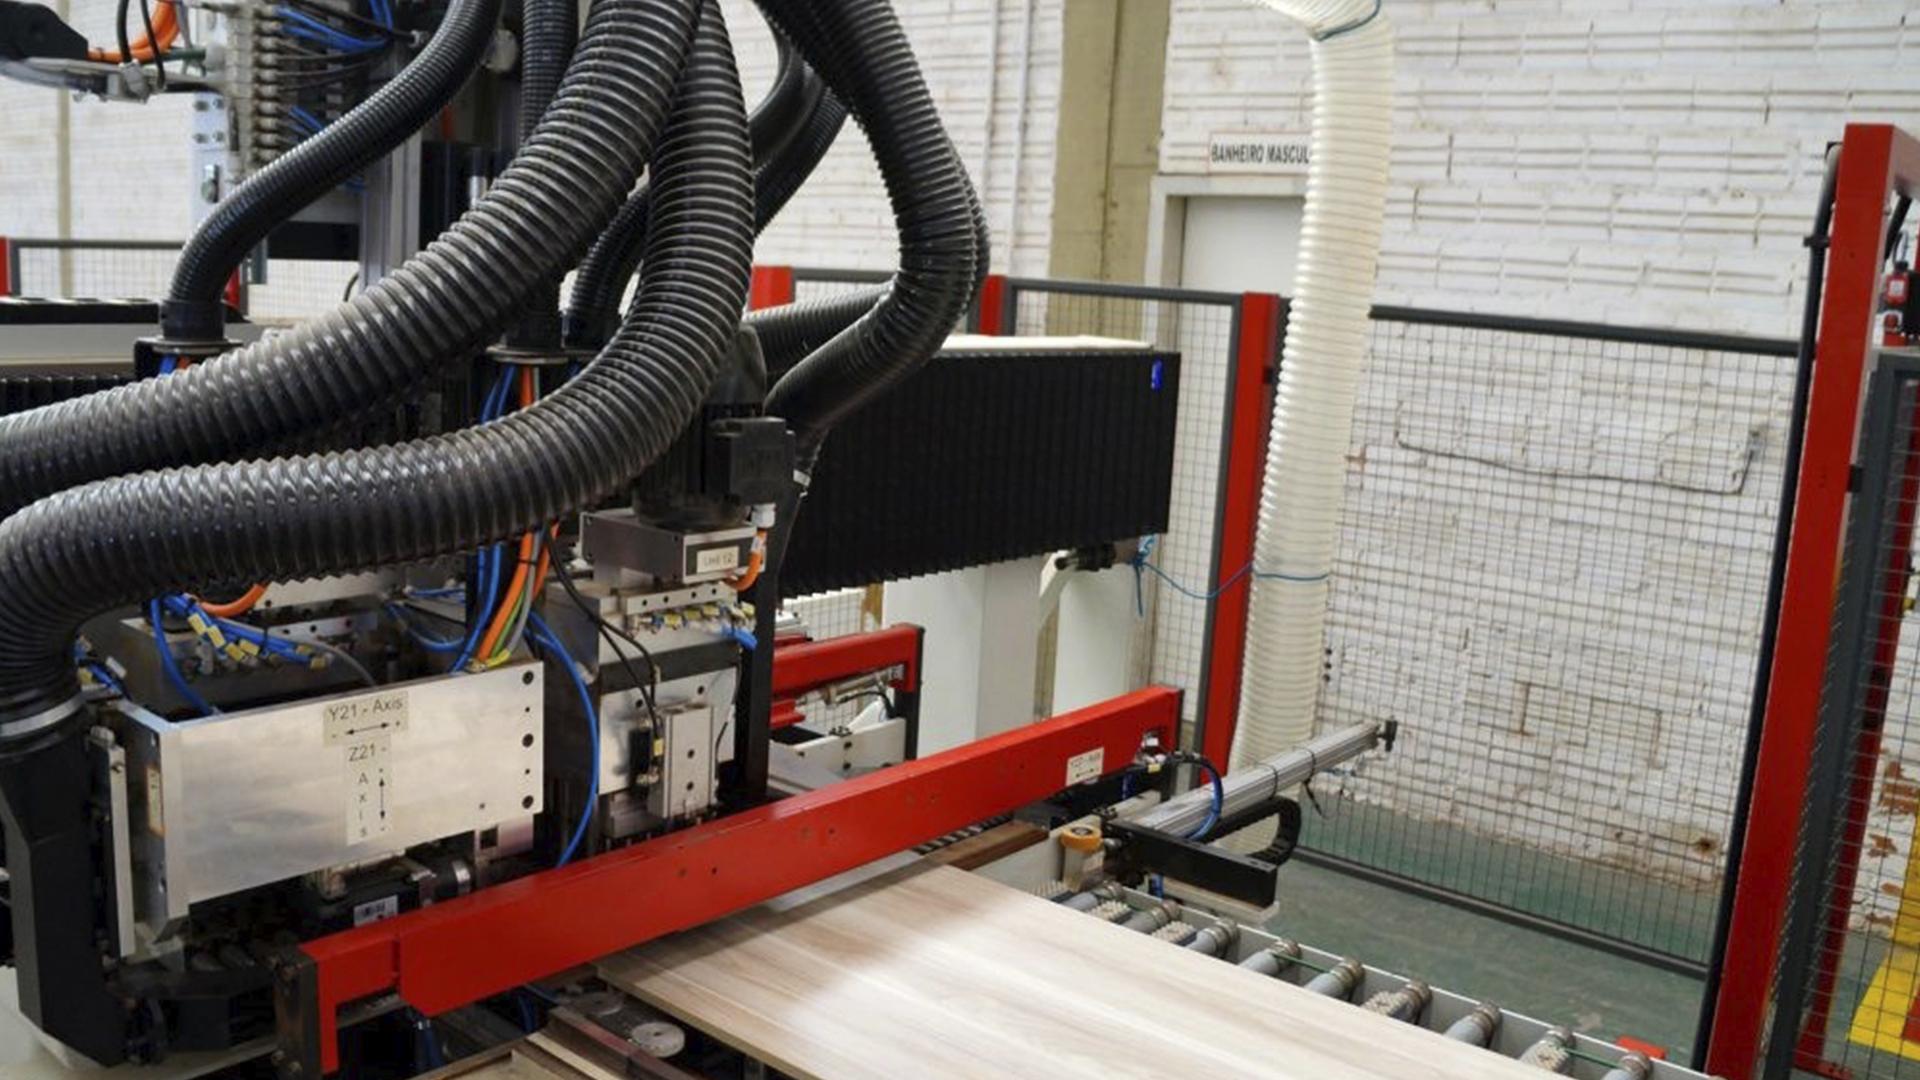 A fabricante conta com maquinário e qualidade de indústria, mas que não deixa de atender o personalizado, adequando, assim, o projeto em 100% dos anseios dos clientes